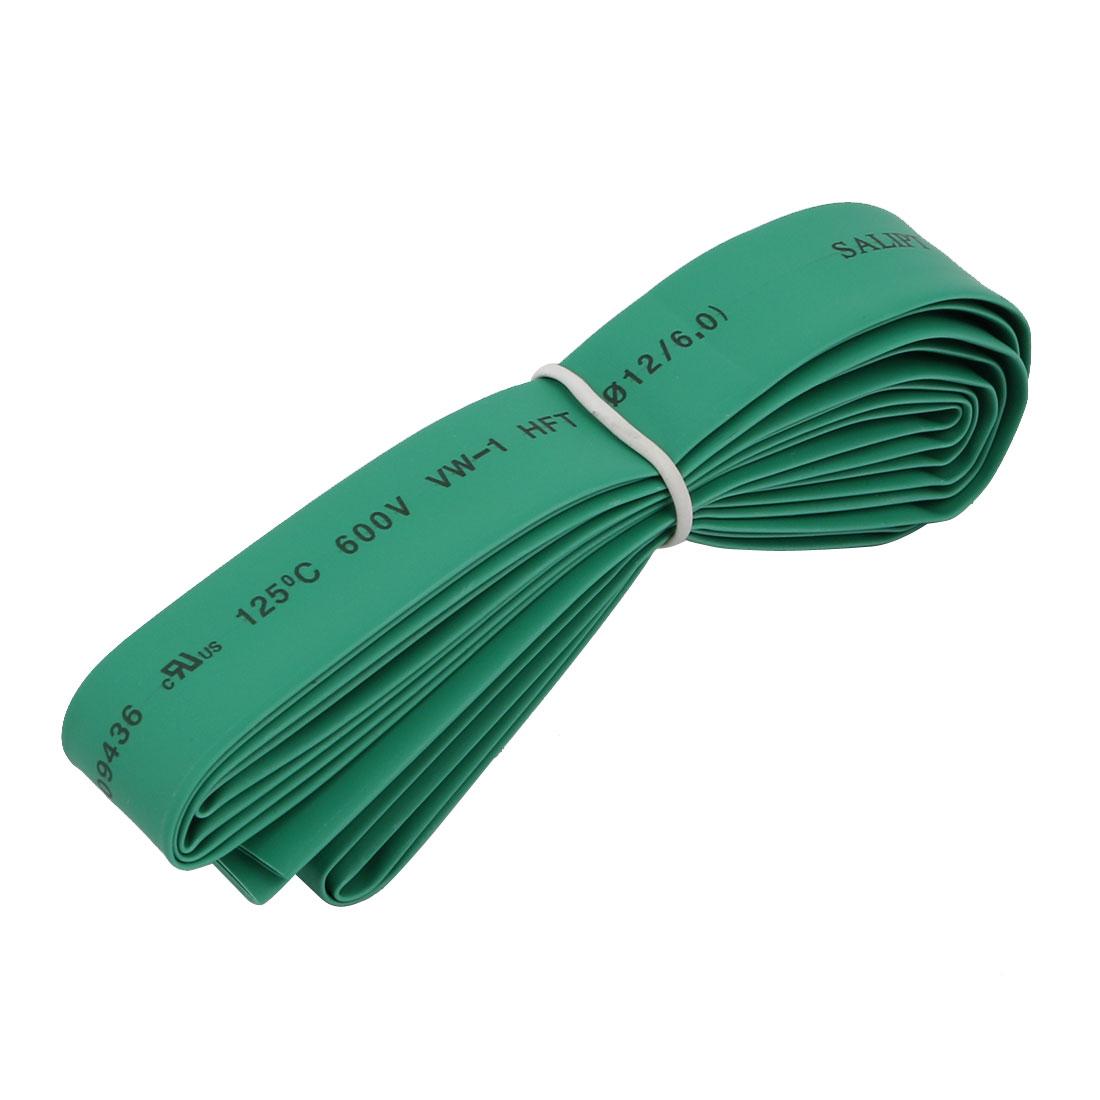 Polyolefin Heat Shrinkable Flame Retardant Tube 2M Length 12mm Inner Dia Green